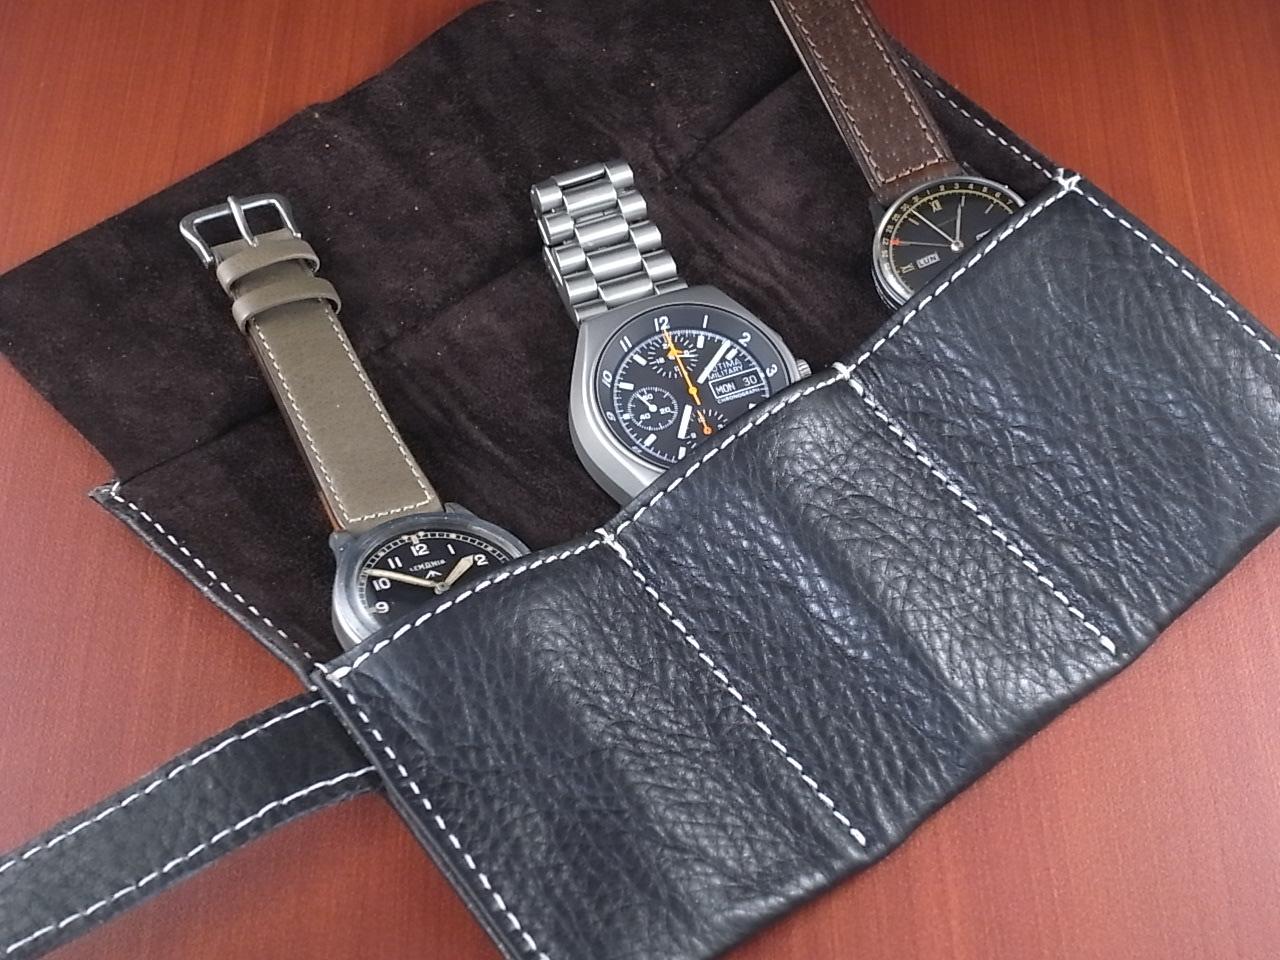 本革時計ケース 携帯タイプ 3本用 イタリア製 黒 白ステッチの写真4枚目